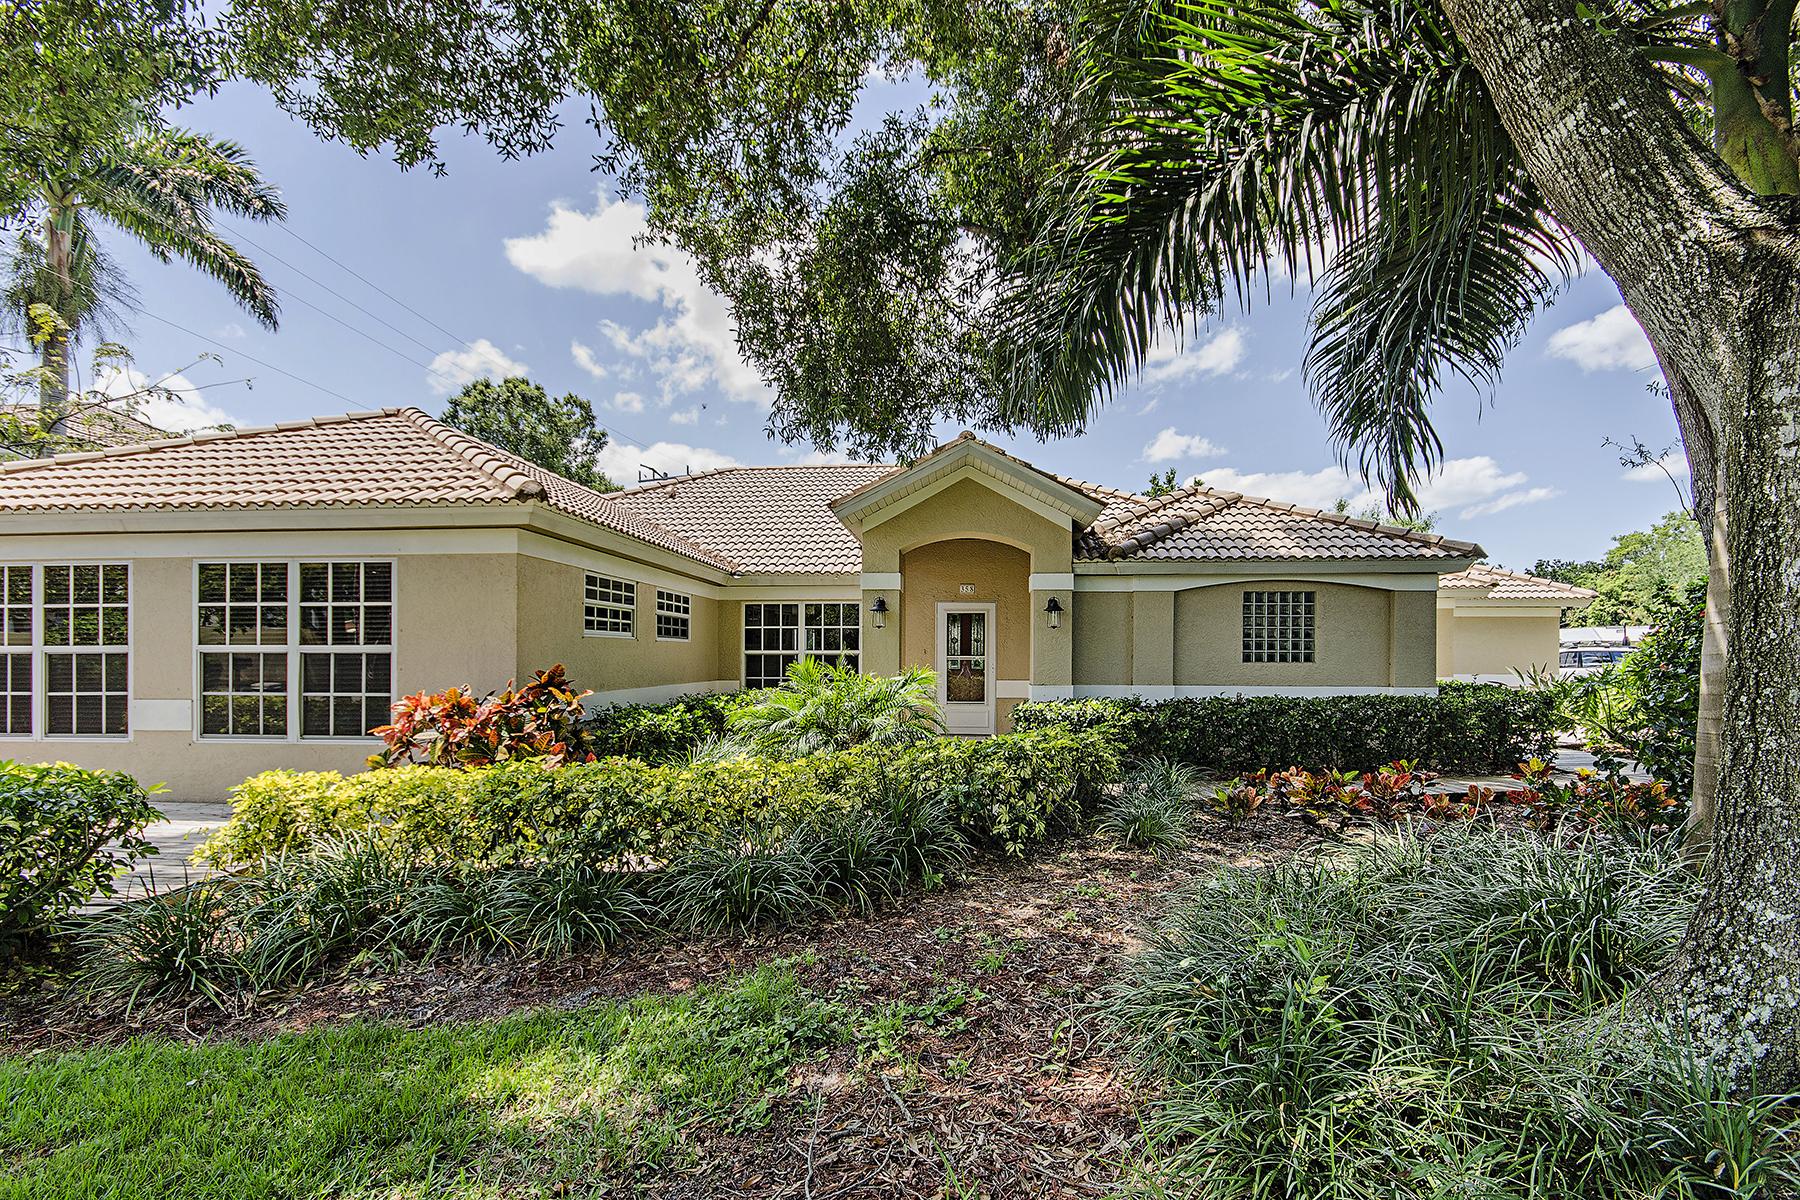 단독 가정 주택 용 매매 에 NORTHGATE - NORTHGATE VILLAGE 358 Burning Tree Dr Naples, 플로리다, 34105 미국